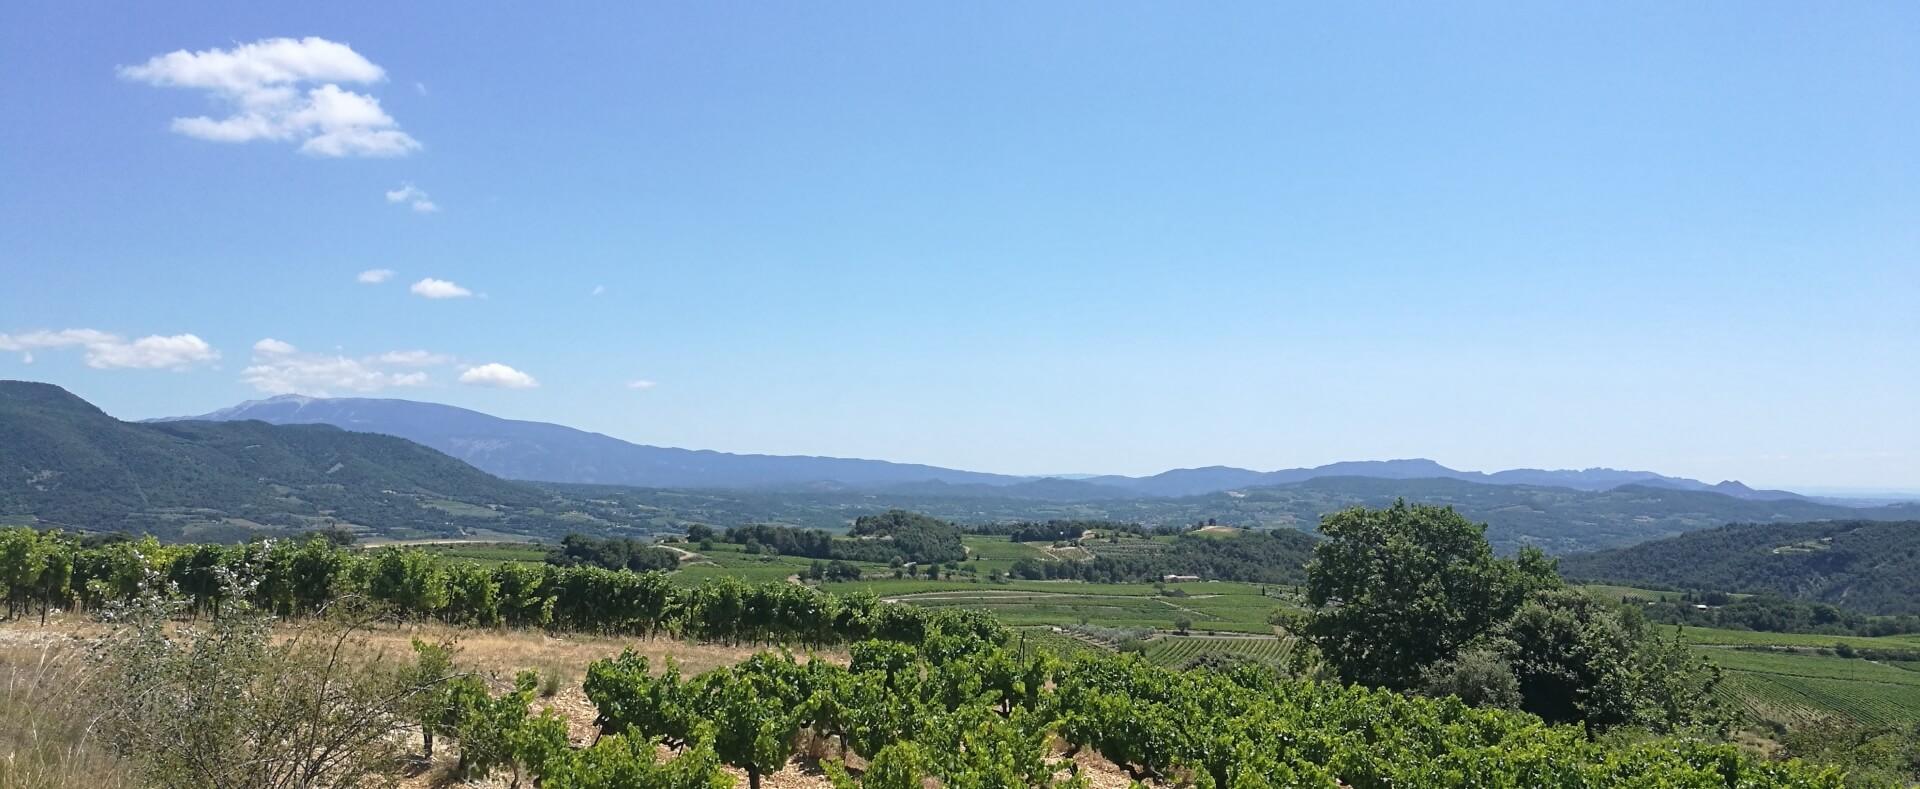 Zicht over wijnvelden richting de Mont Ventoux